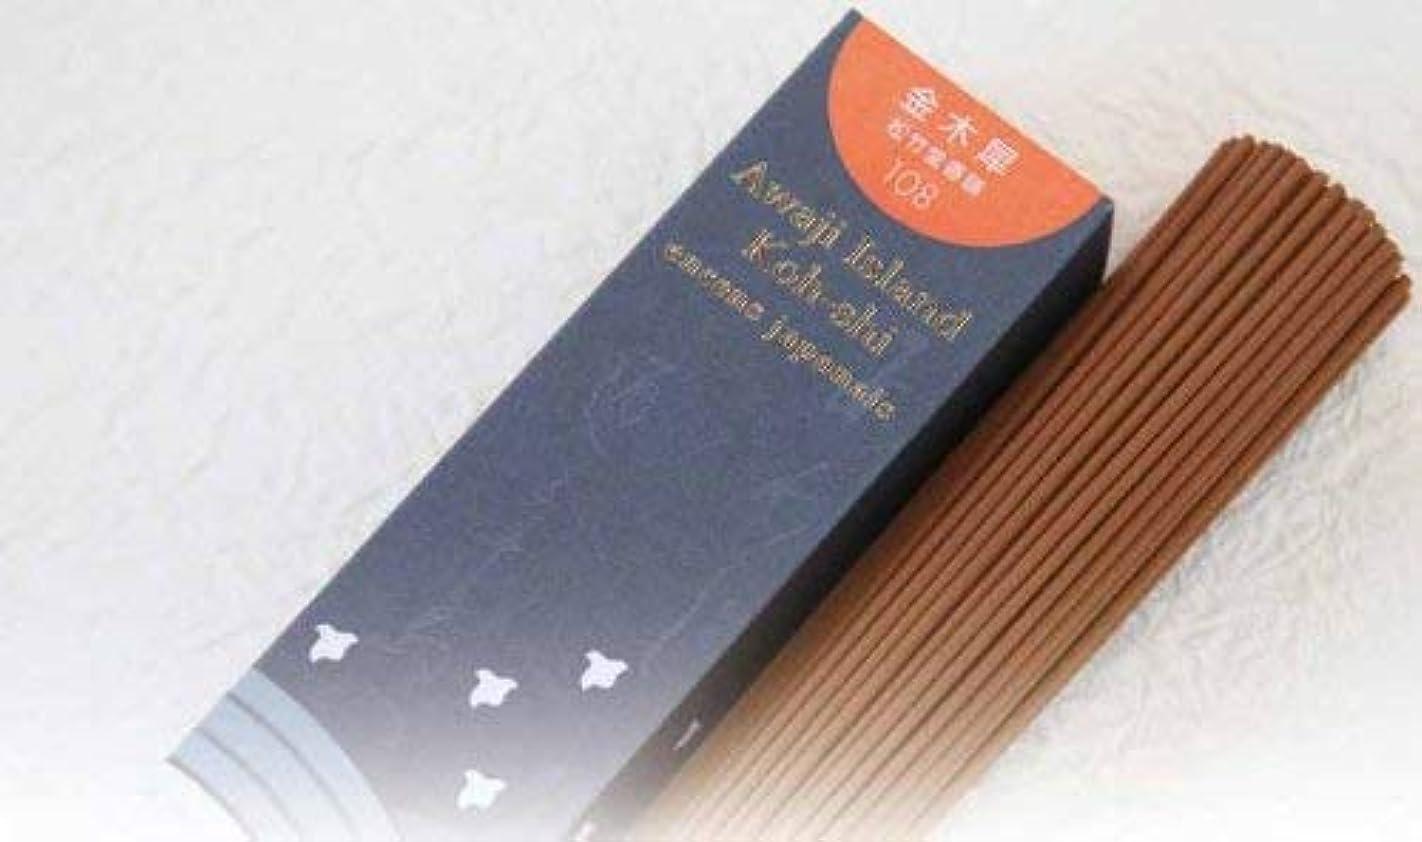 カエル息子に対処する「あわじ島の香司」 日本の香りシリーズ 【108】 ●金木犀●